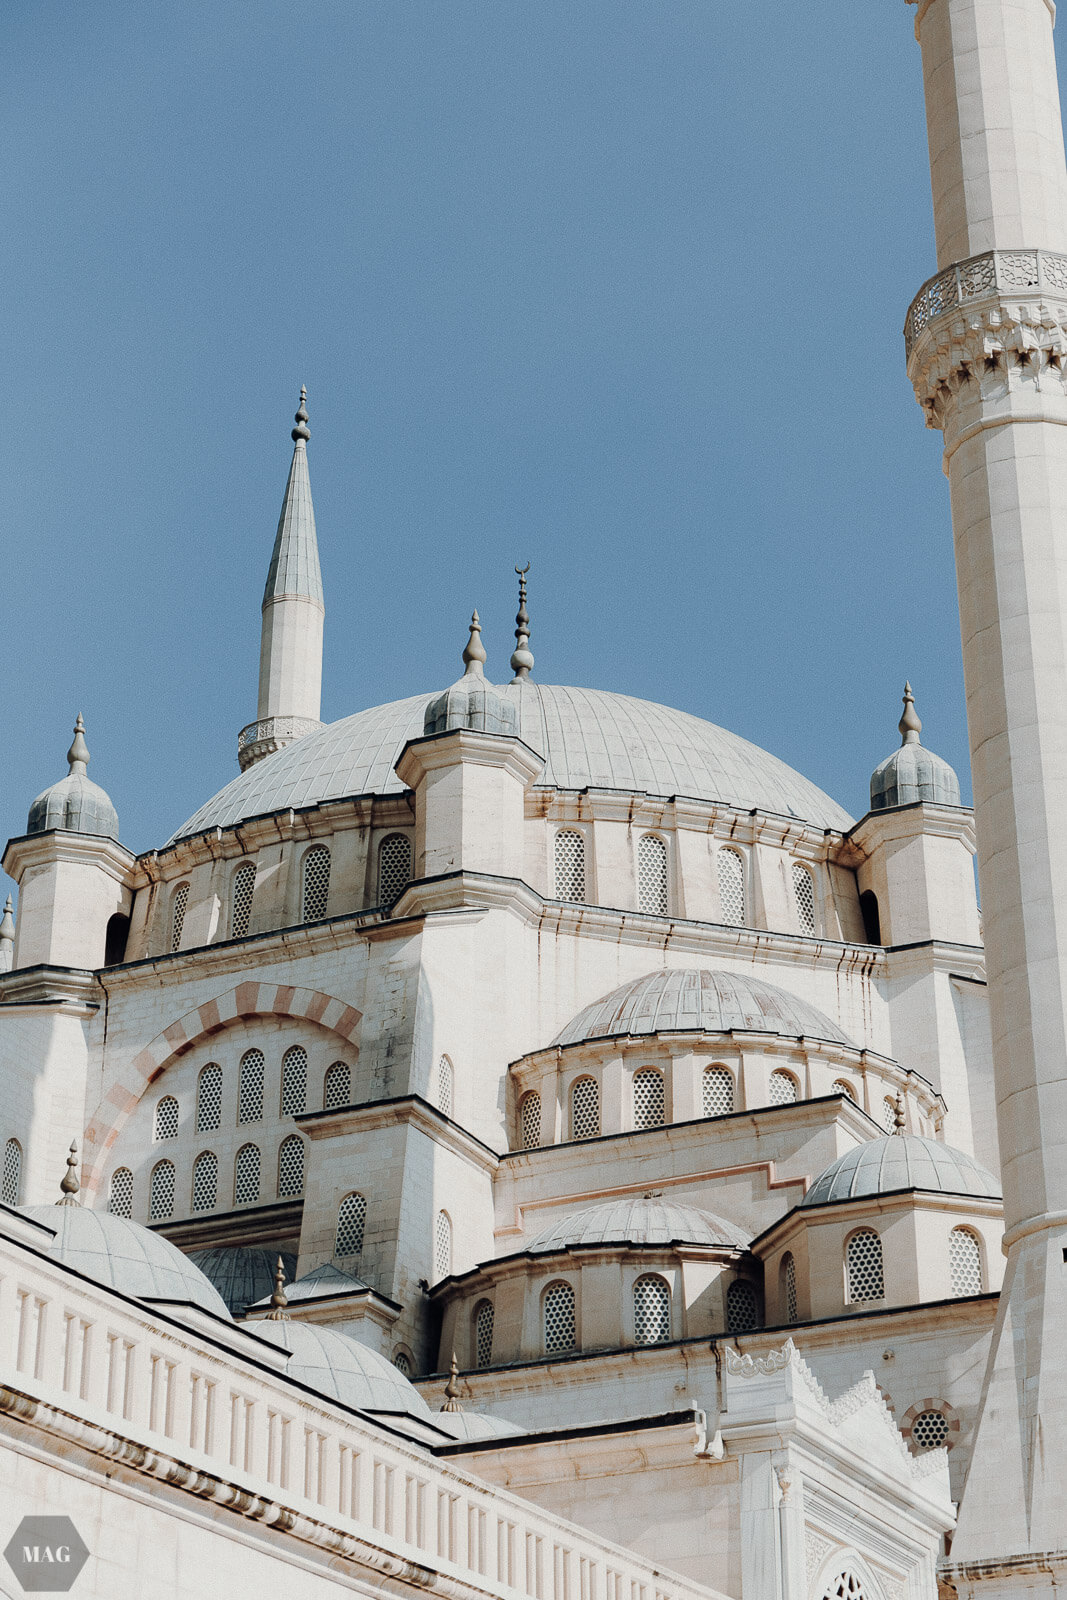 yumurtalik, Türkei, reise in die Türkei, Türkei Reisebericht, Adana Reisebericht, Türkei reisen Bericht, Türkei Adana reisen, yumurtalik Türkei Reisebericht, blogger reisen, reiseblogger